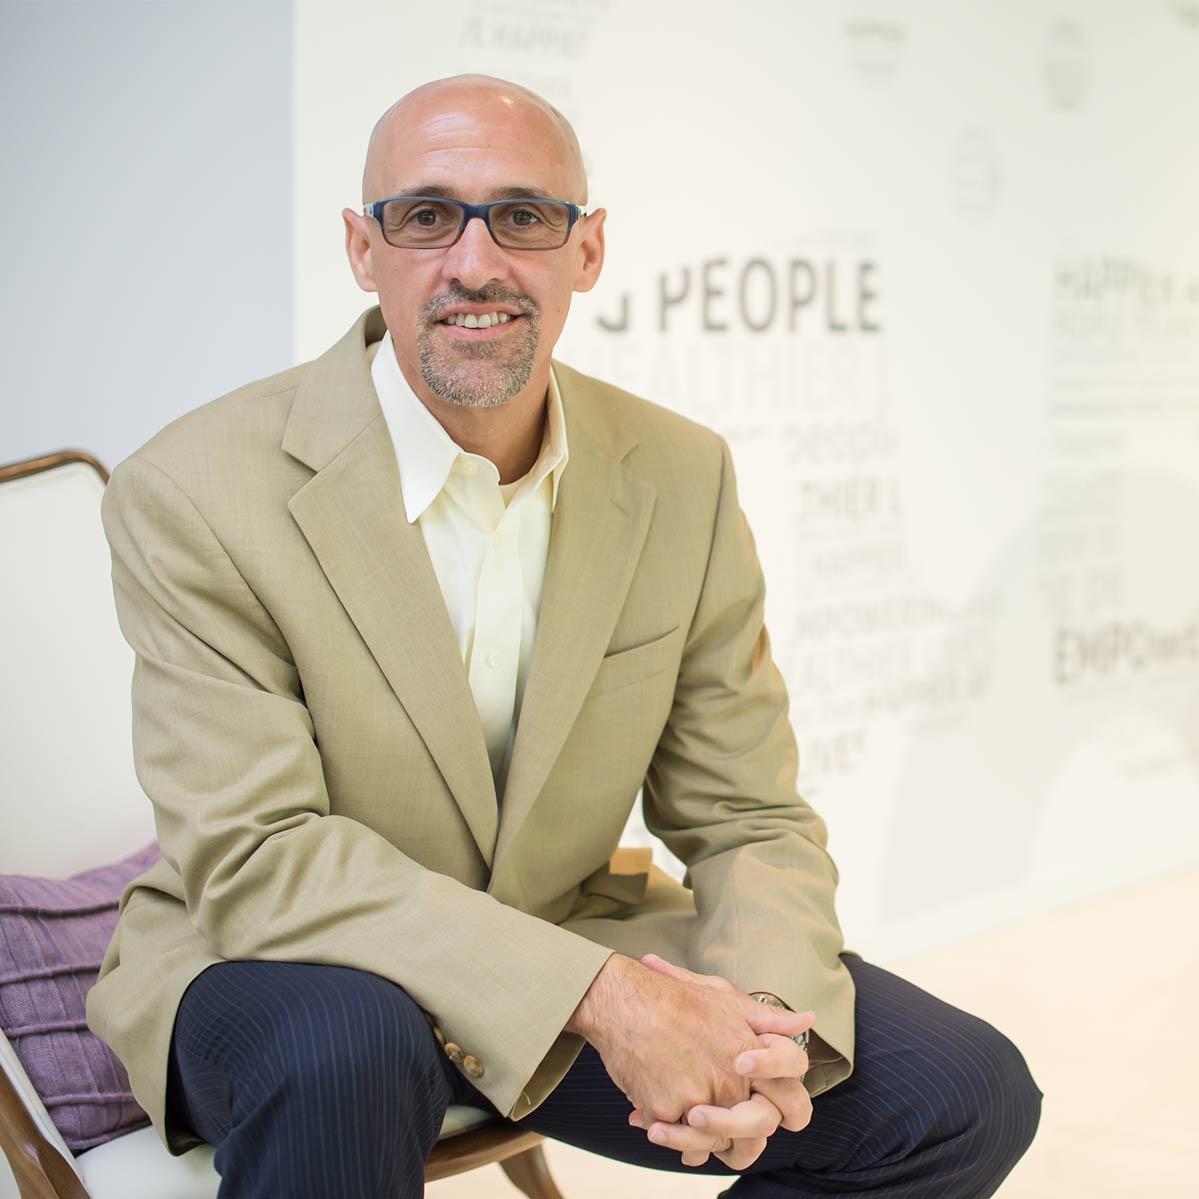 Mental Health Keynote: Dr. Shawn Talbott - Scientist + Amare Global